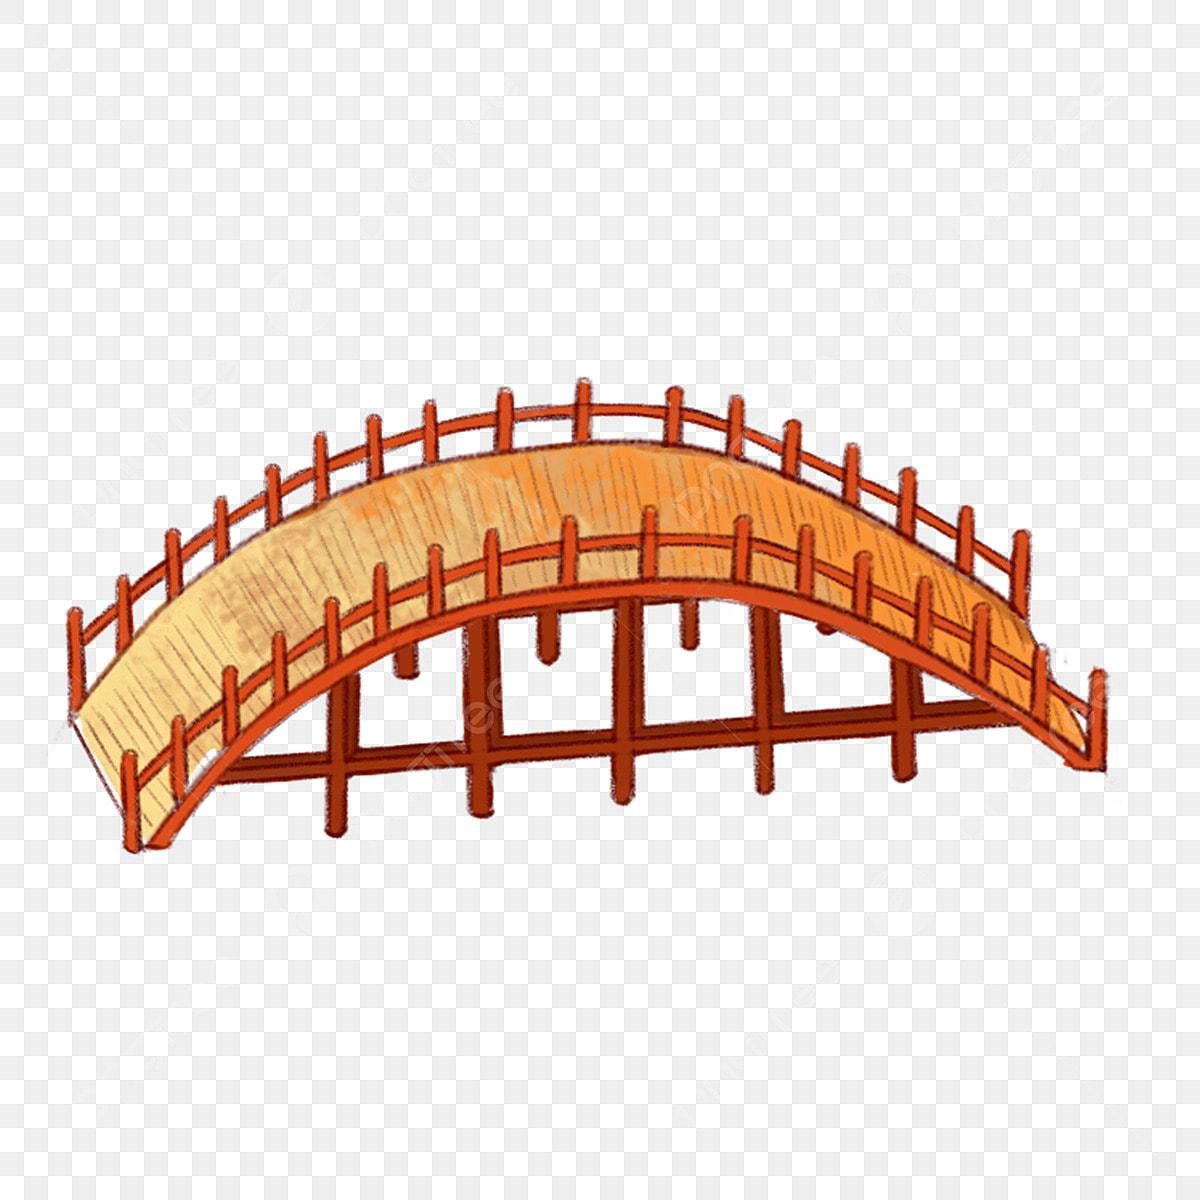 Un Beau Pont Pont Batiment Clipart De Pont Les Decorations Cartoon Bridge Fichier Png Et Psd Pour Le Telechargement Libre